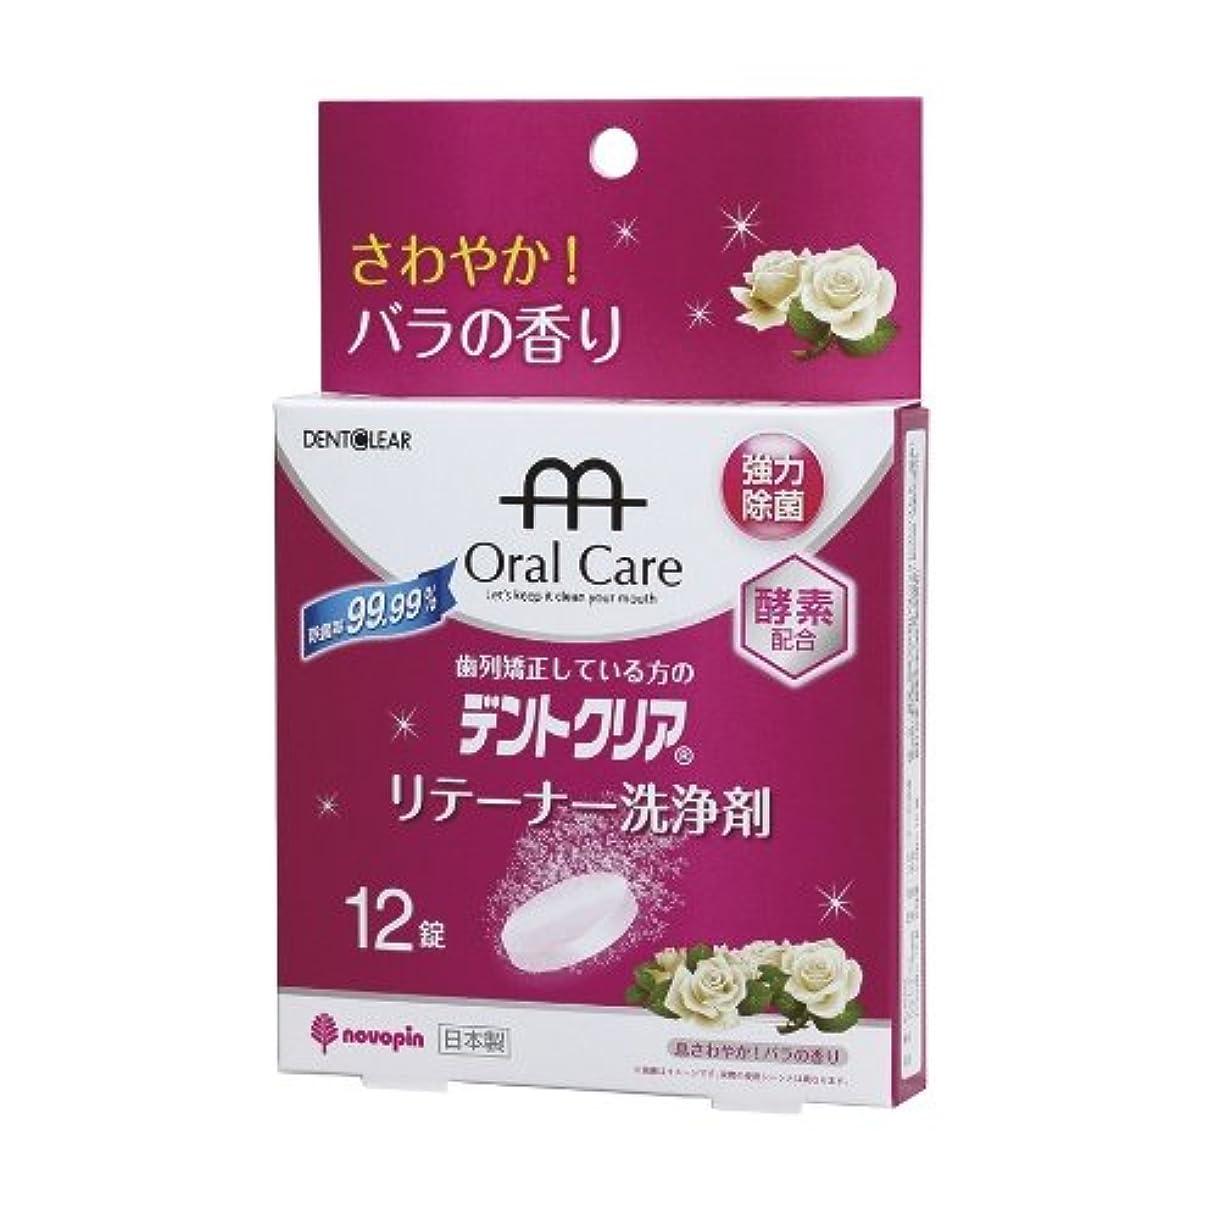 紀陽除虫菊 歯列矯正している方のデントクリア リテーナー 洗浄剤 バラの香り 12錠